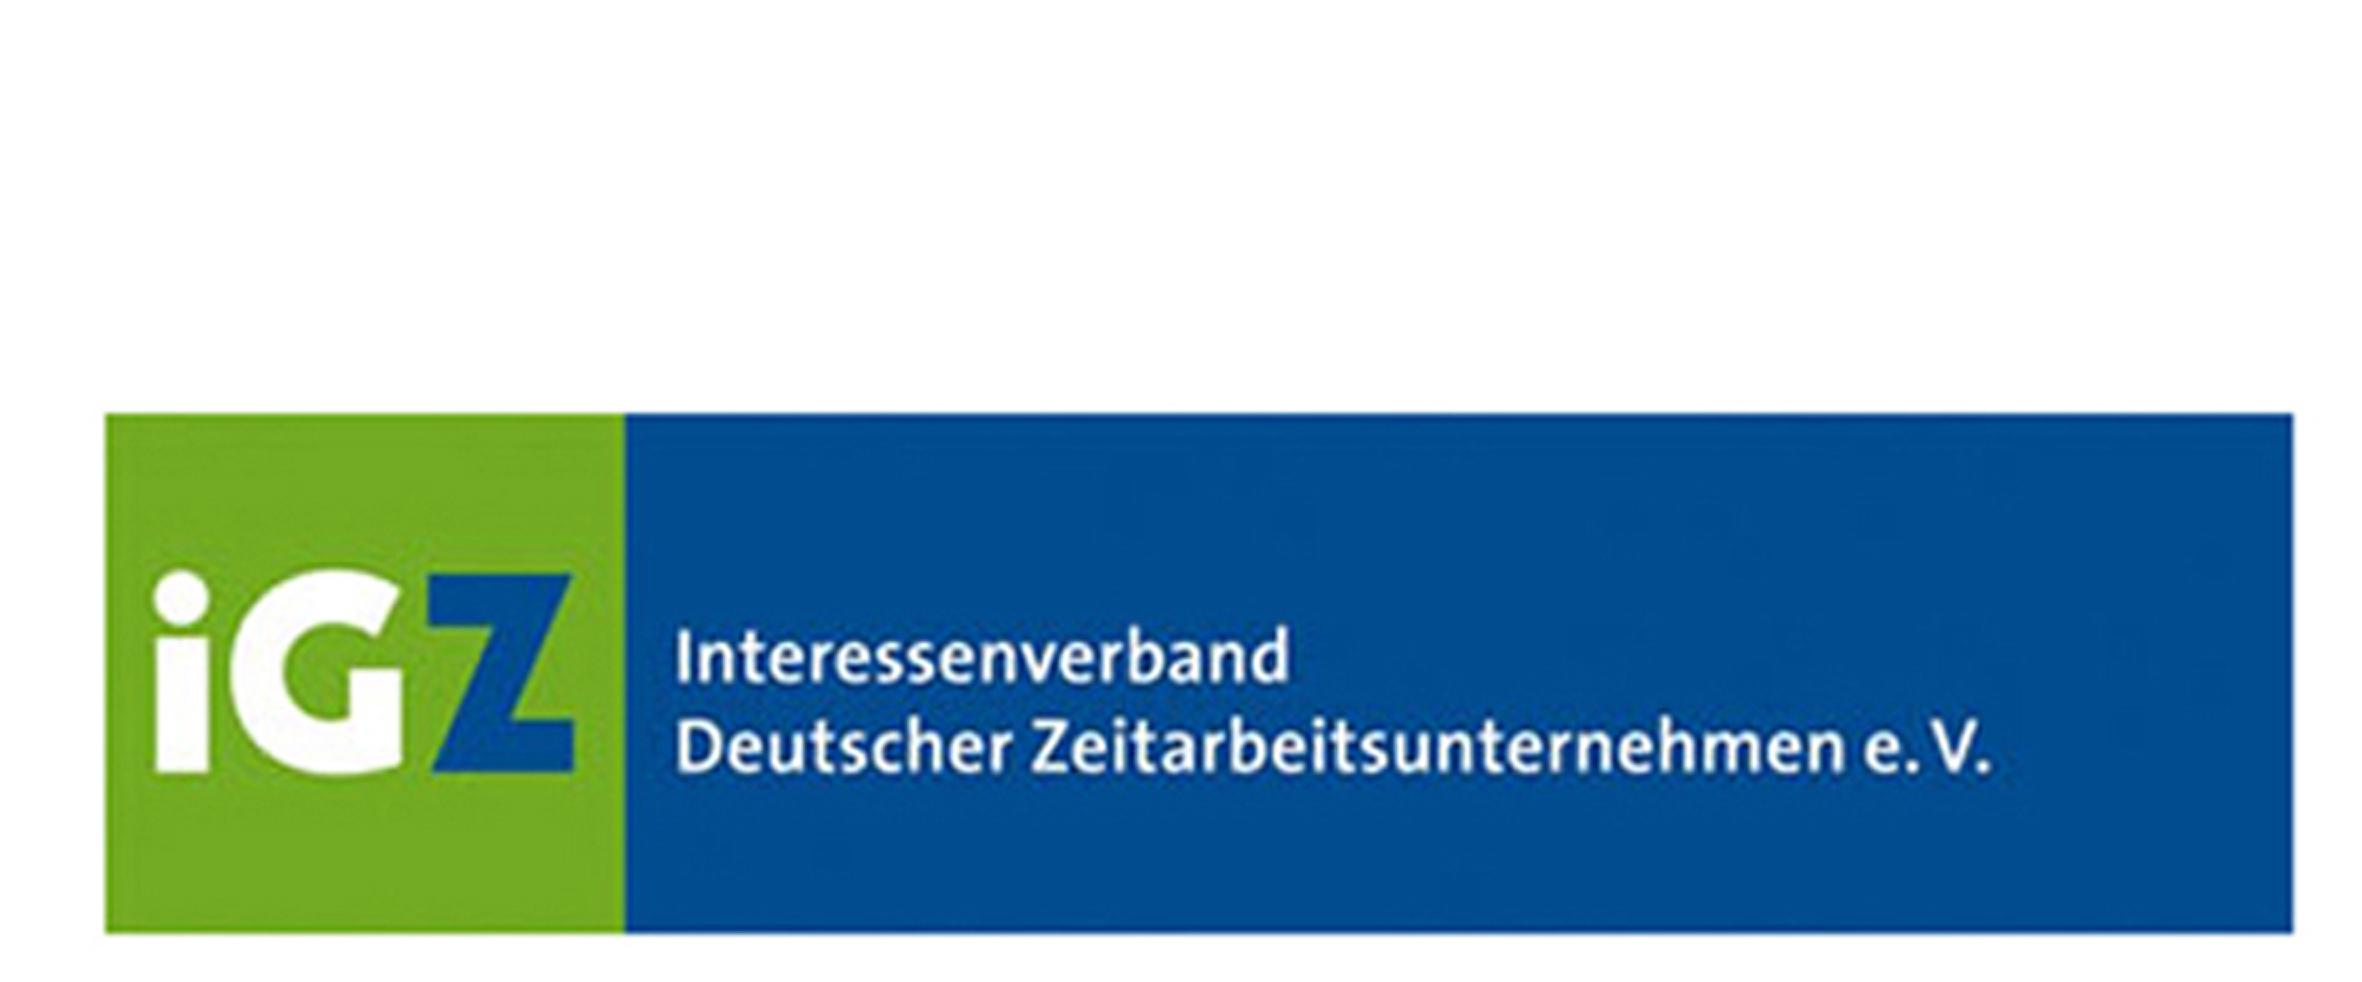 vdh_igz_logo_NEU4